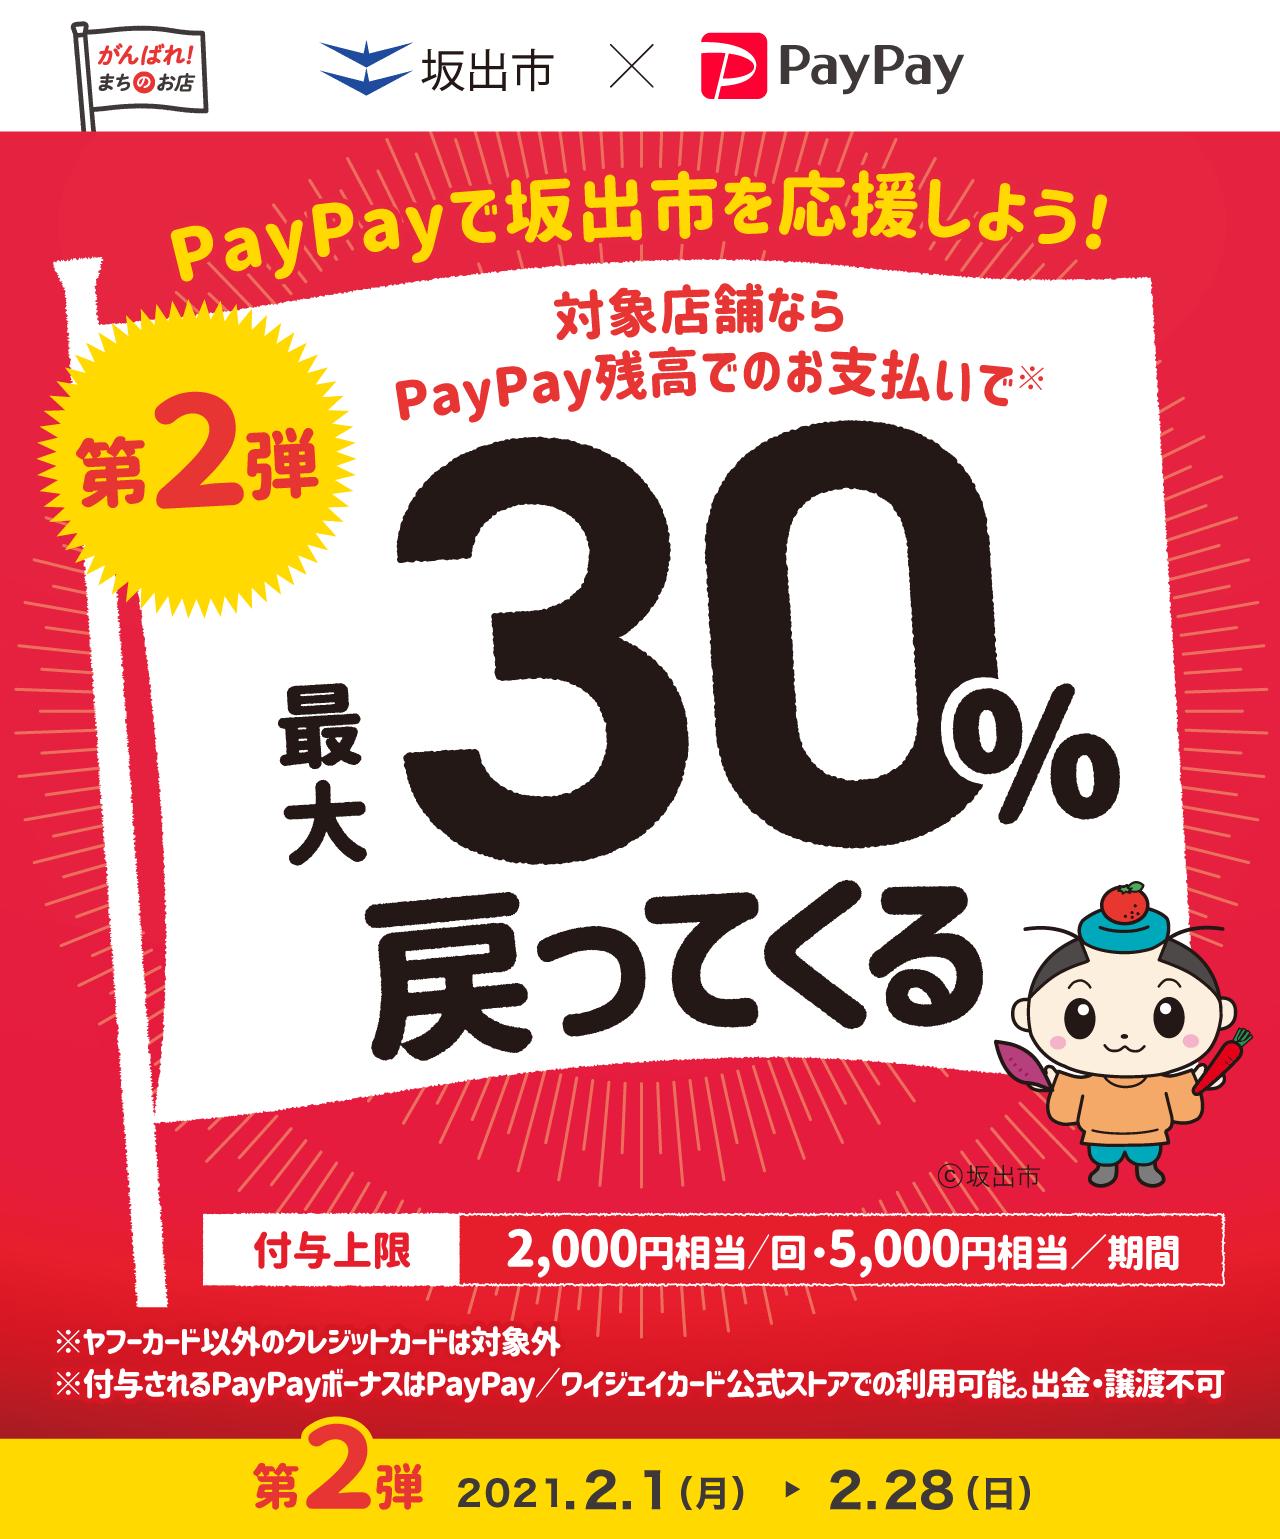 PayPayで坂出市を応援しよう! 第2弾 対象店舗ならPayPay残高でのお支払いで 最大30%戻ってくる